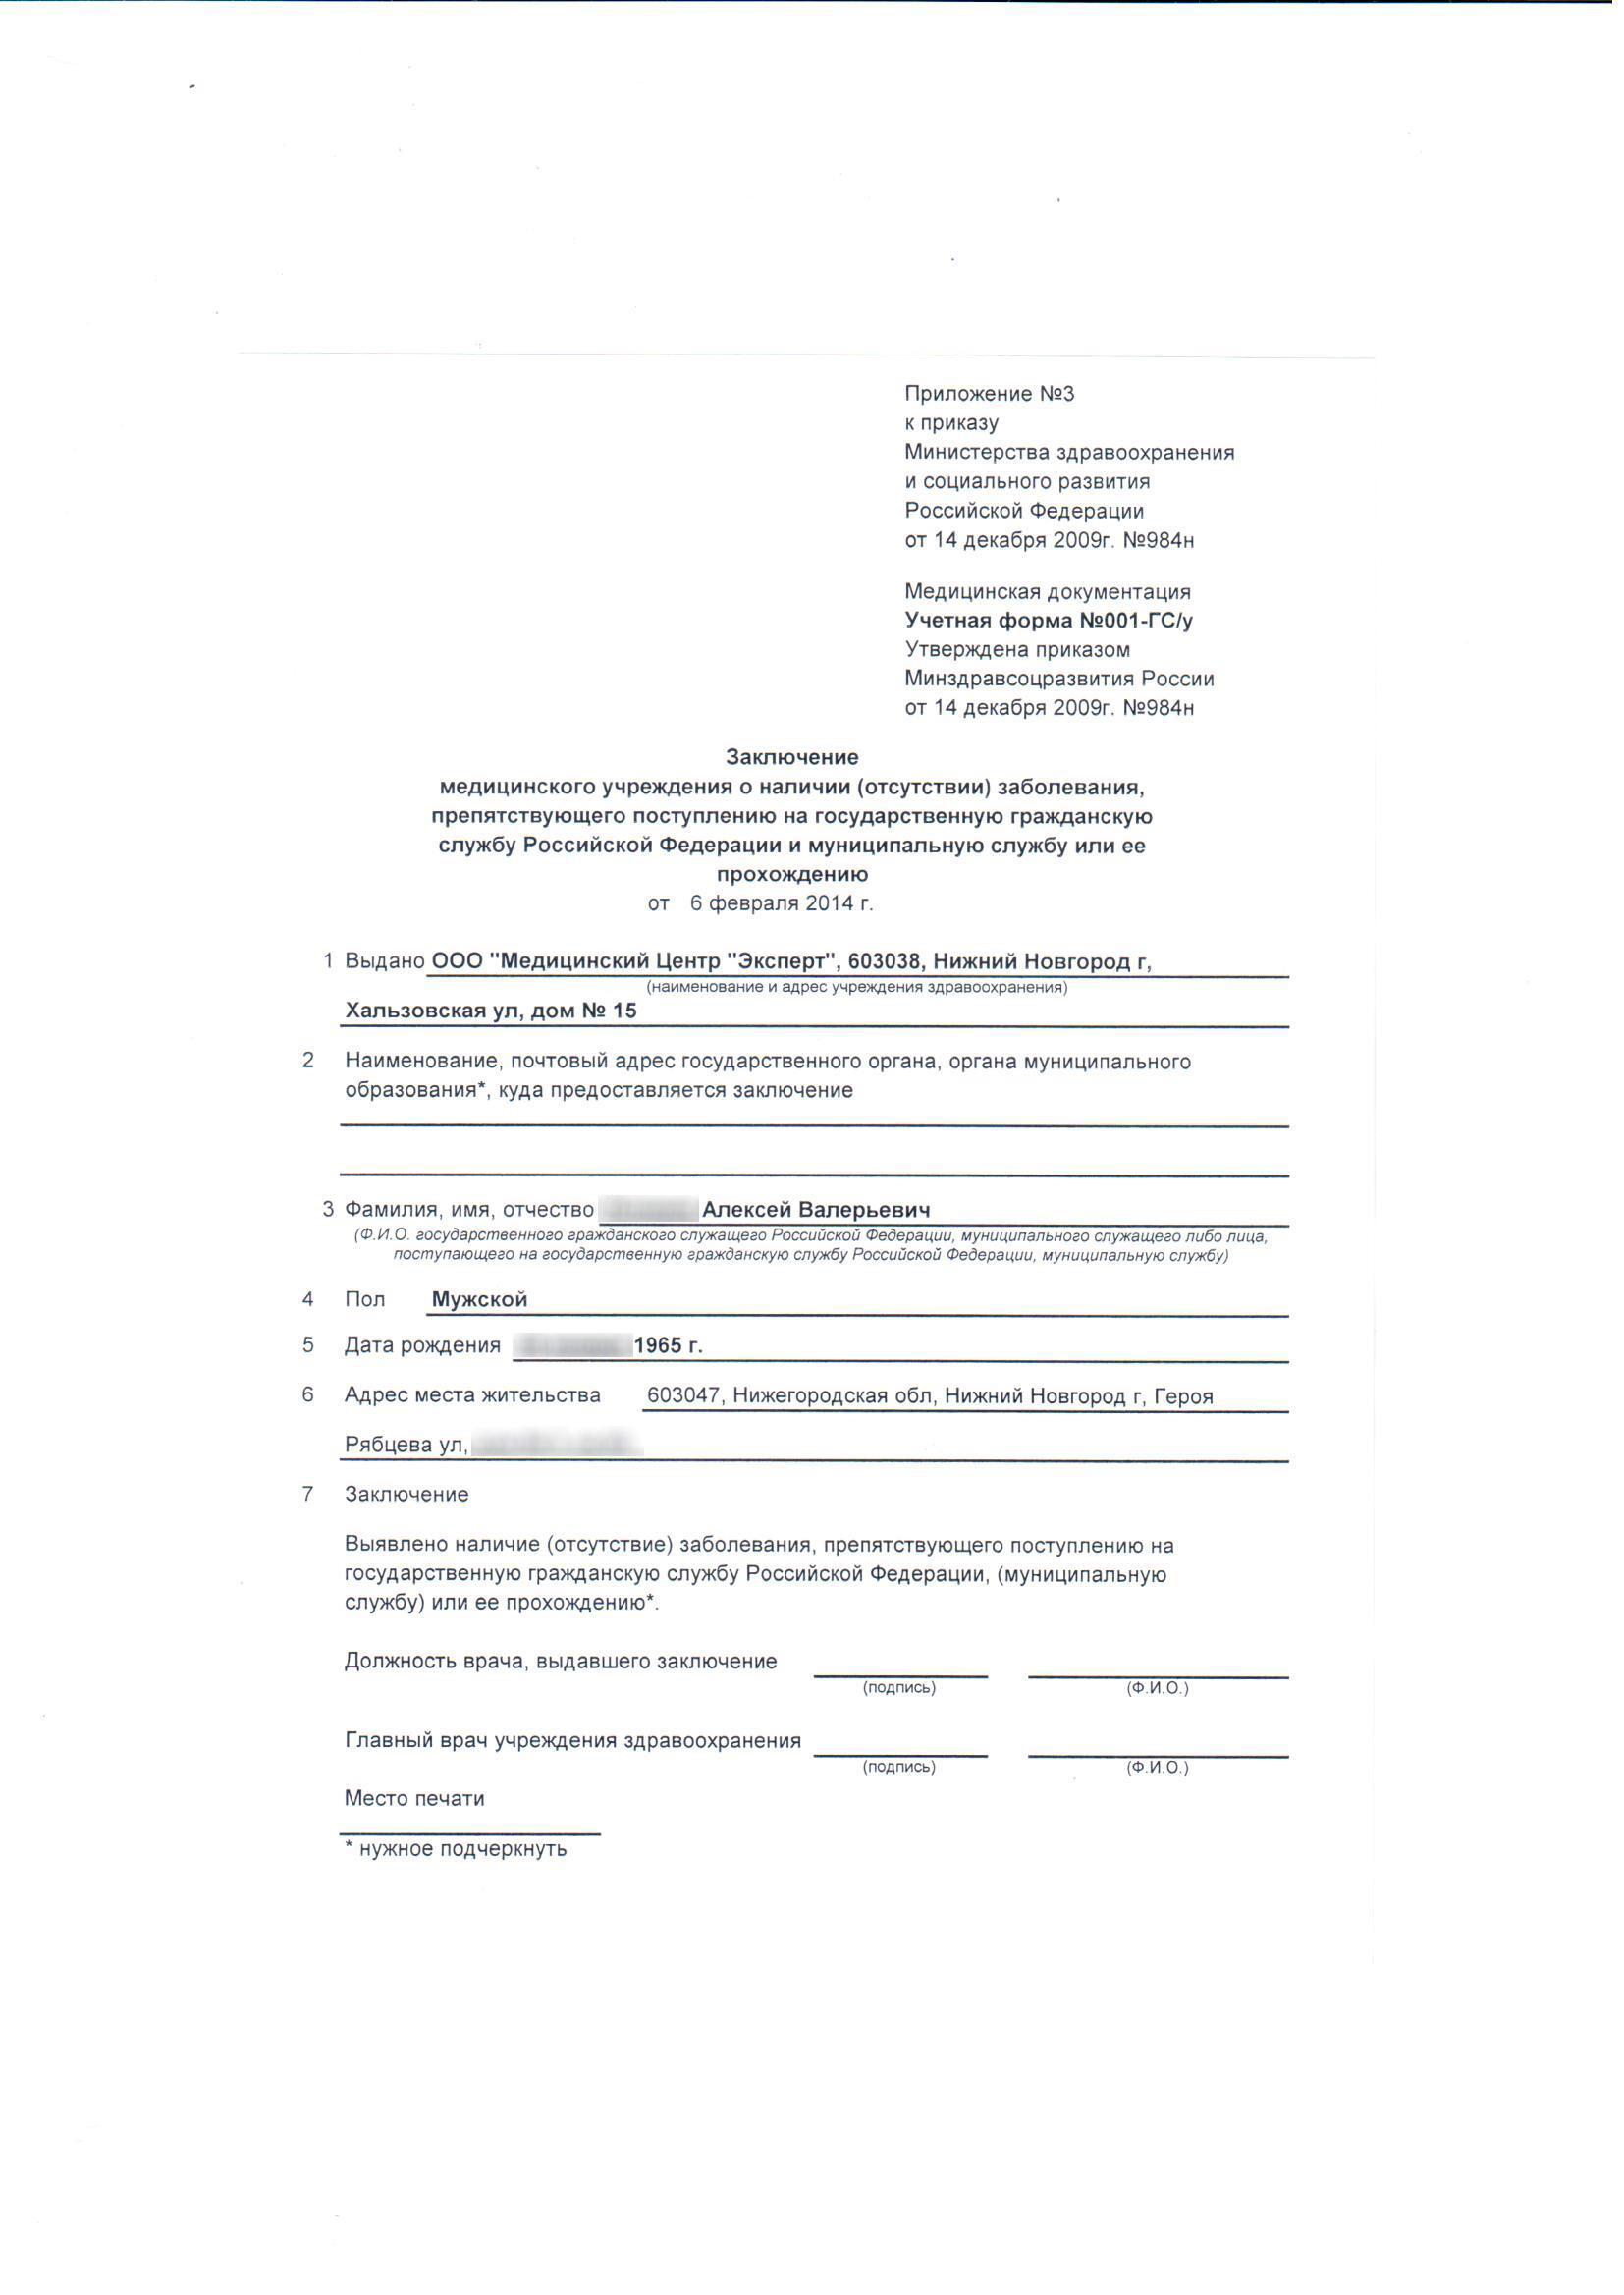 Анкета на конкурс государственной гражданской службы